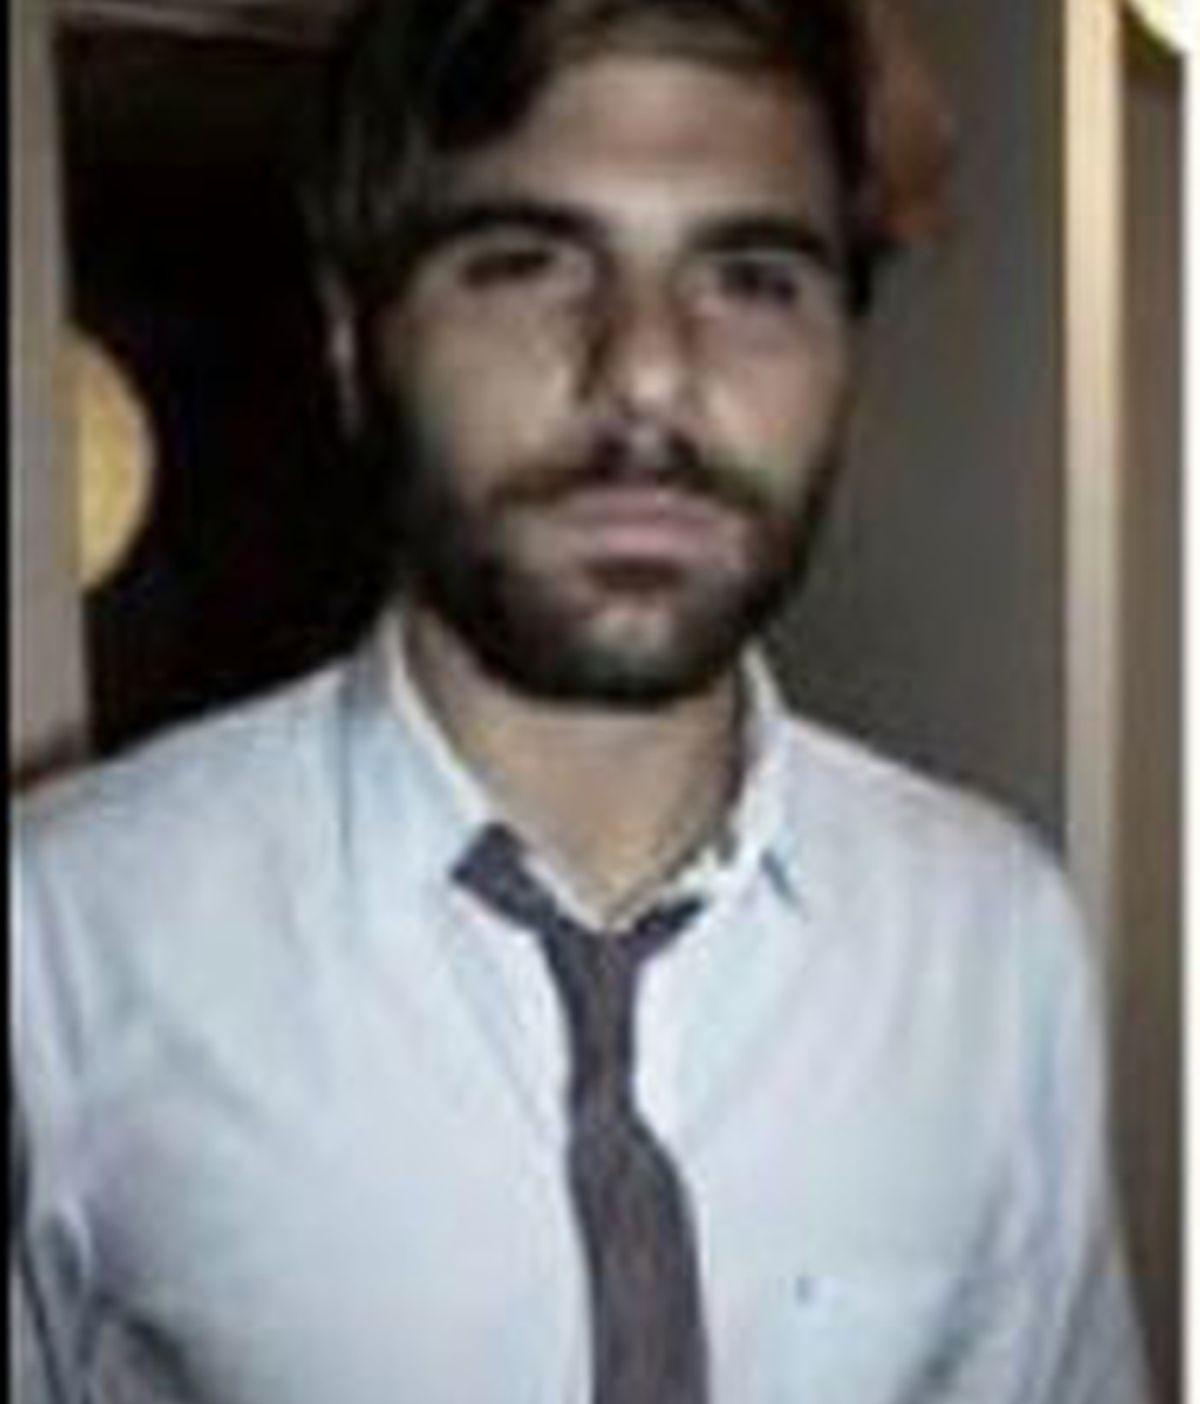 Alexander Kandiloros, en la imagen con la que acompañó el anuncio de la subasta. Foto: The Local